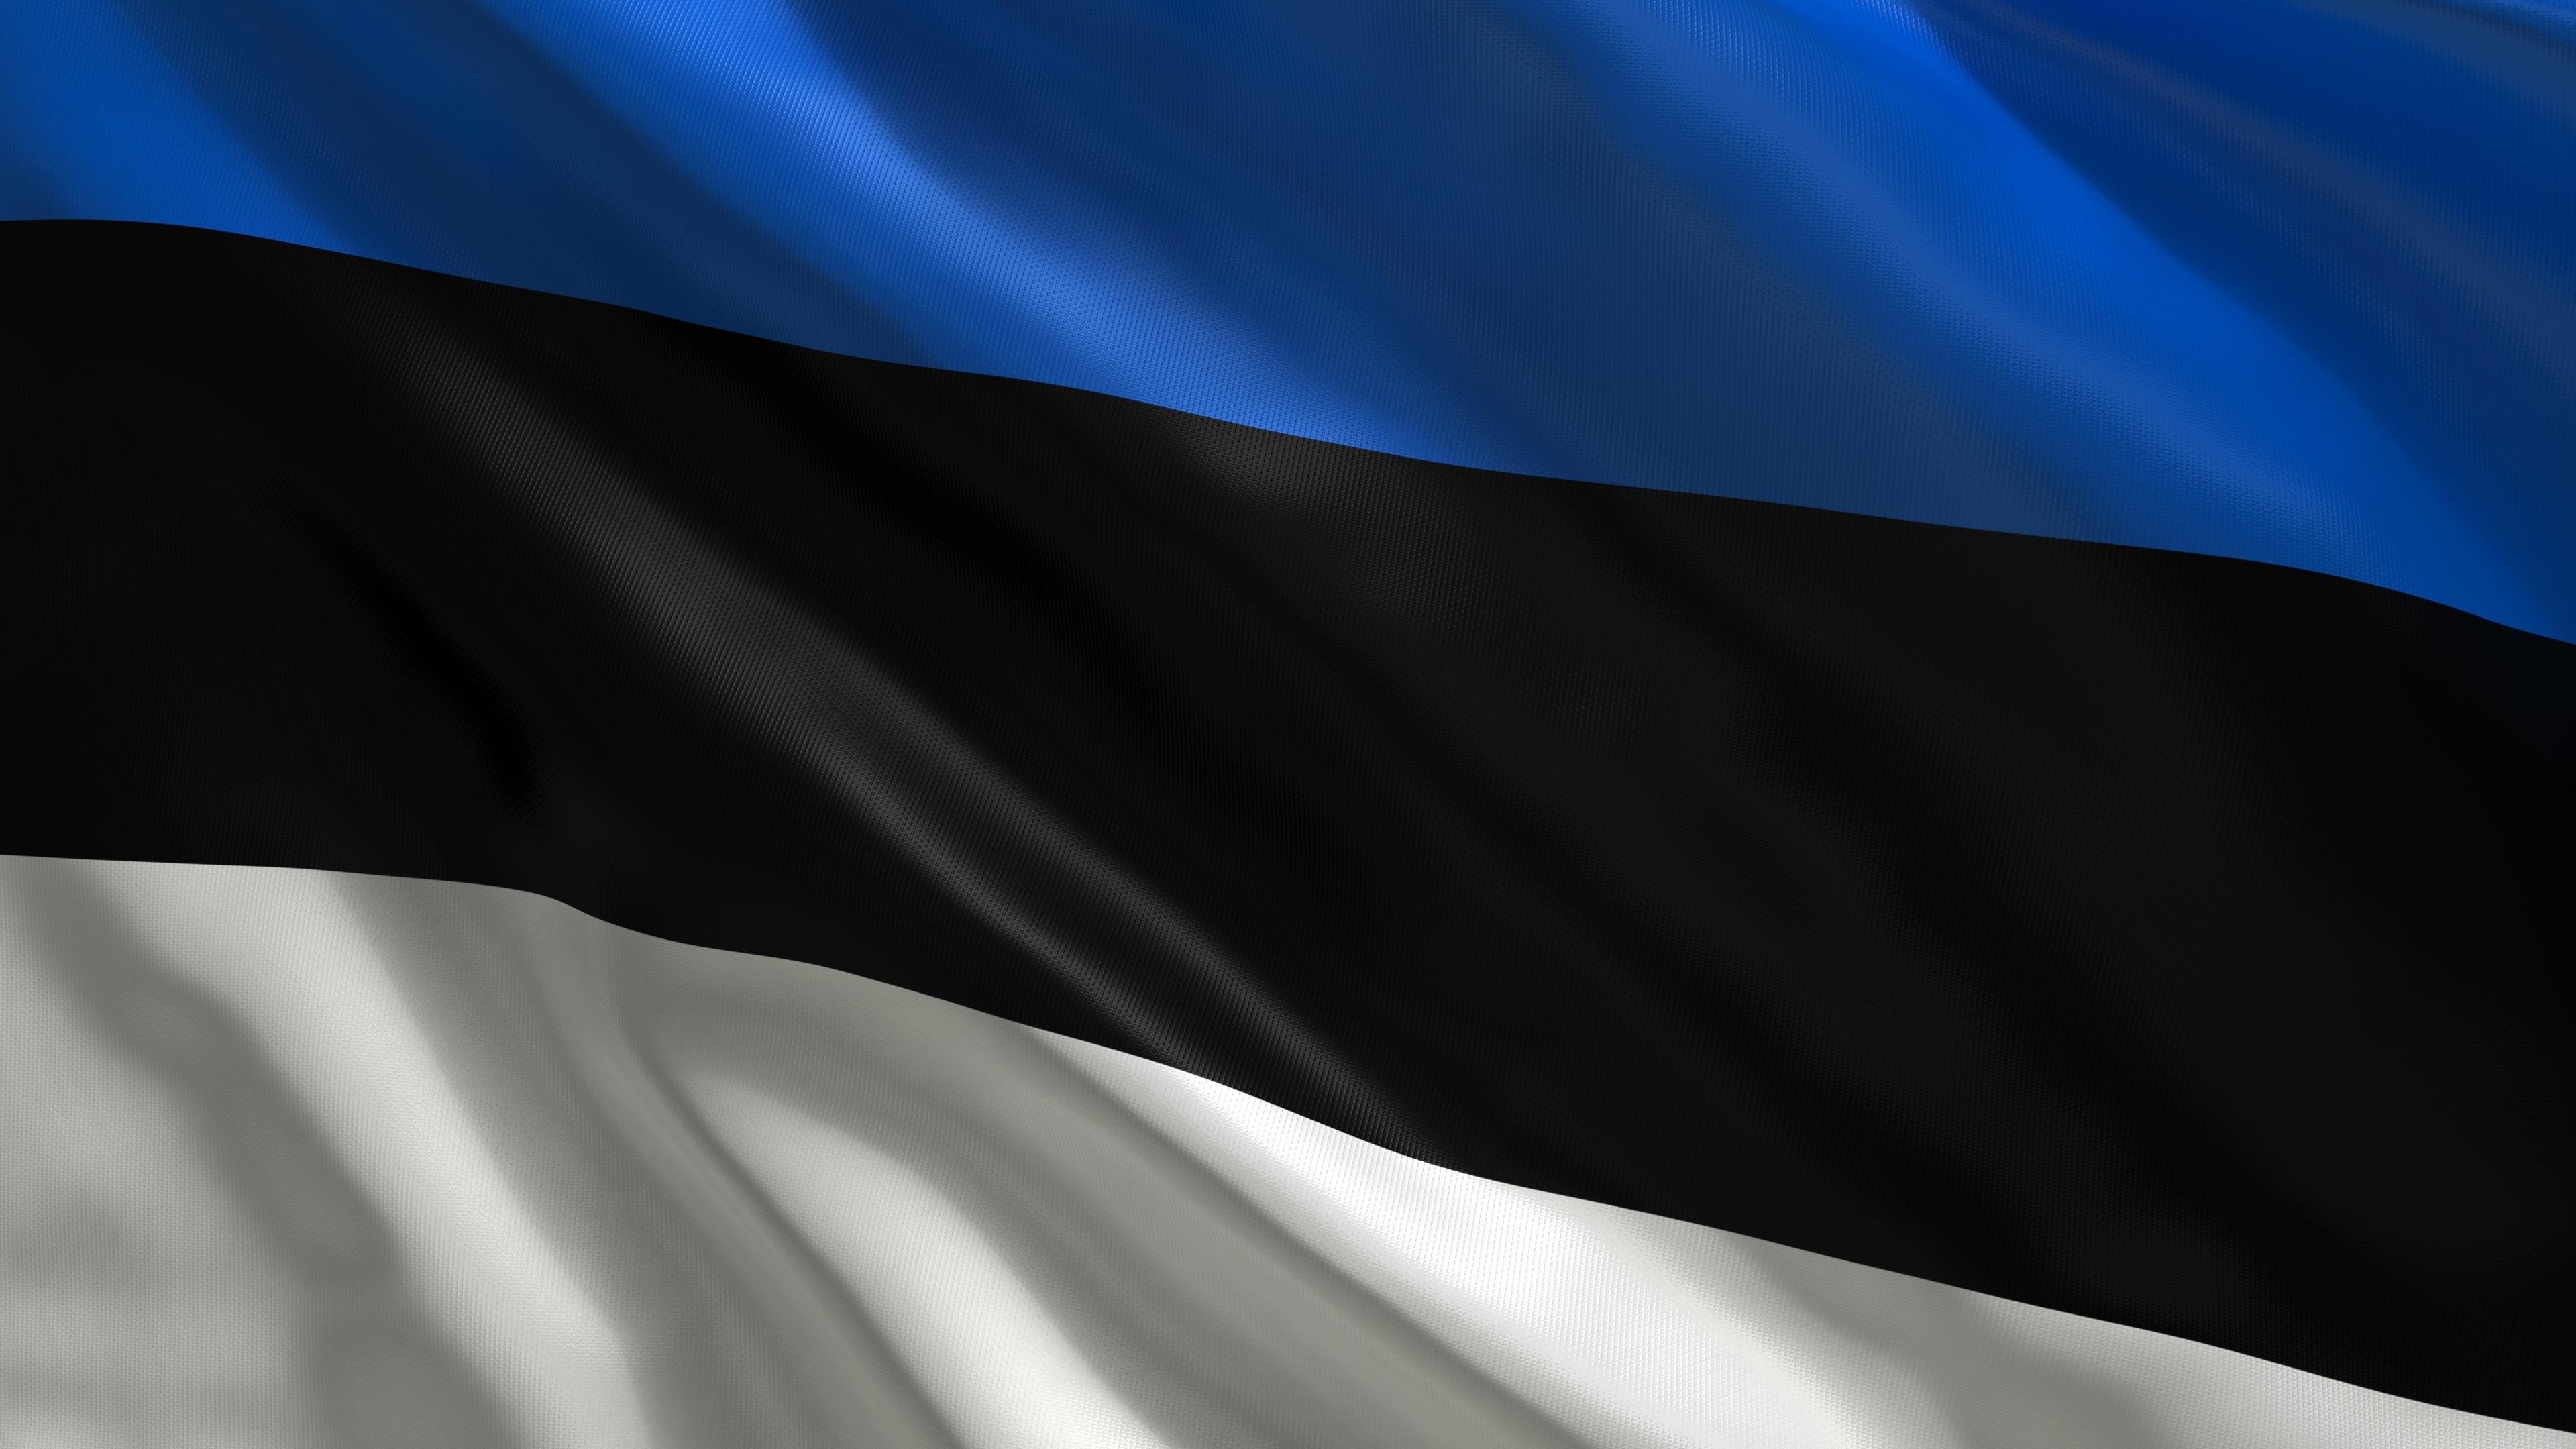 Αποτέλεσμα εικόνας για estonia flag